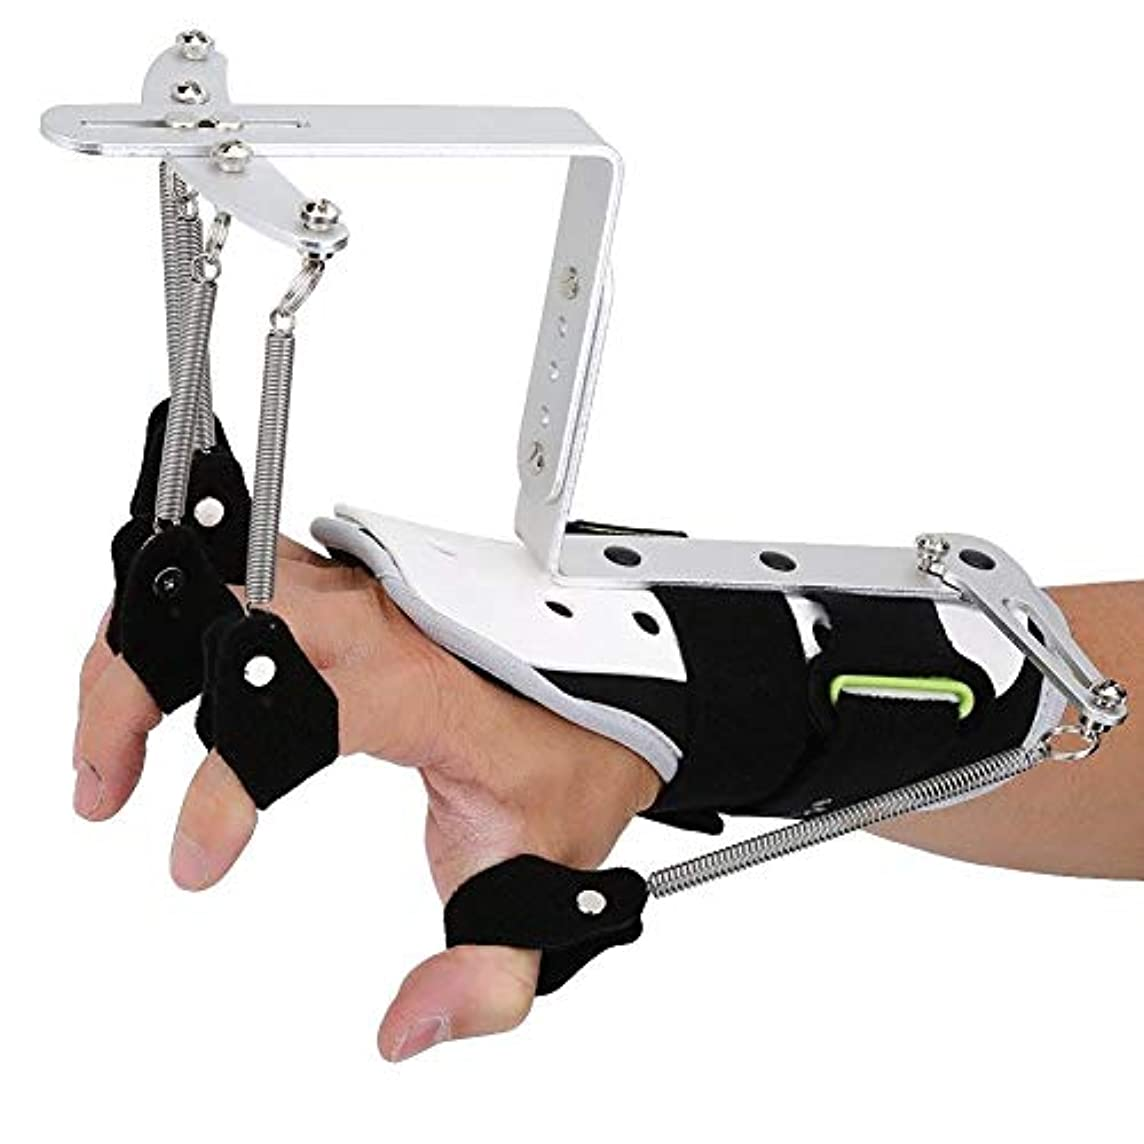 訪問フィドル北脳卒中片麻痺患者の指損傷サポート、指リハビリテーション副木サポート手首矯正トレーニング機器